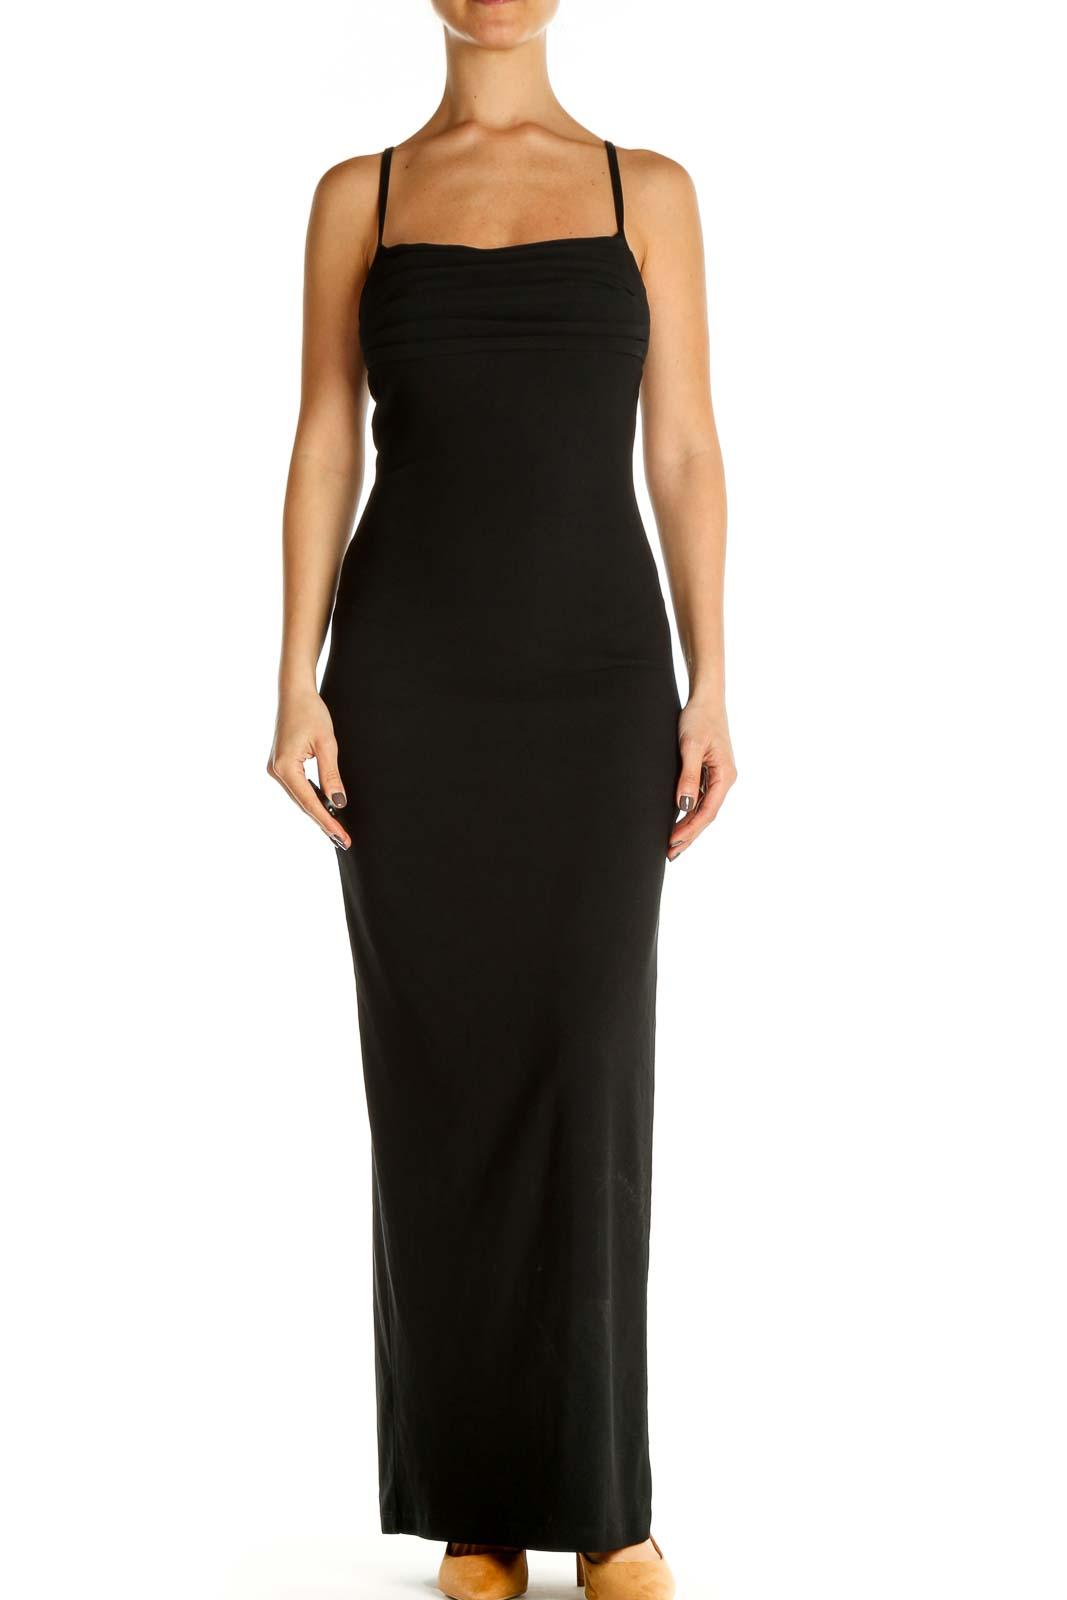 Black Solid Cocktail Column Dress Front